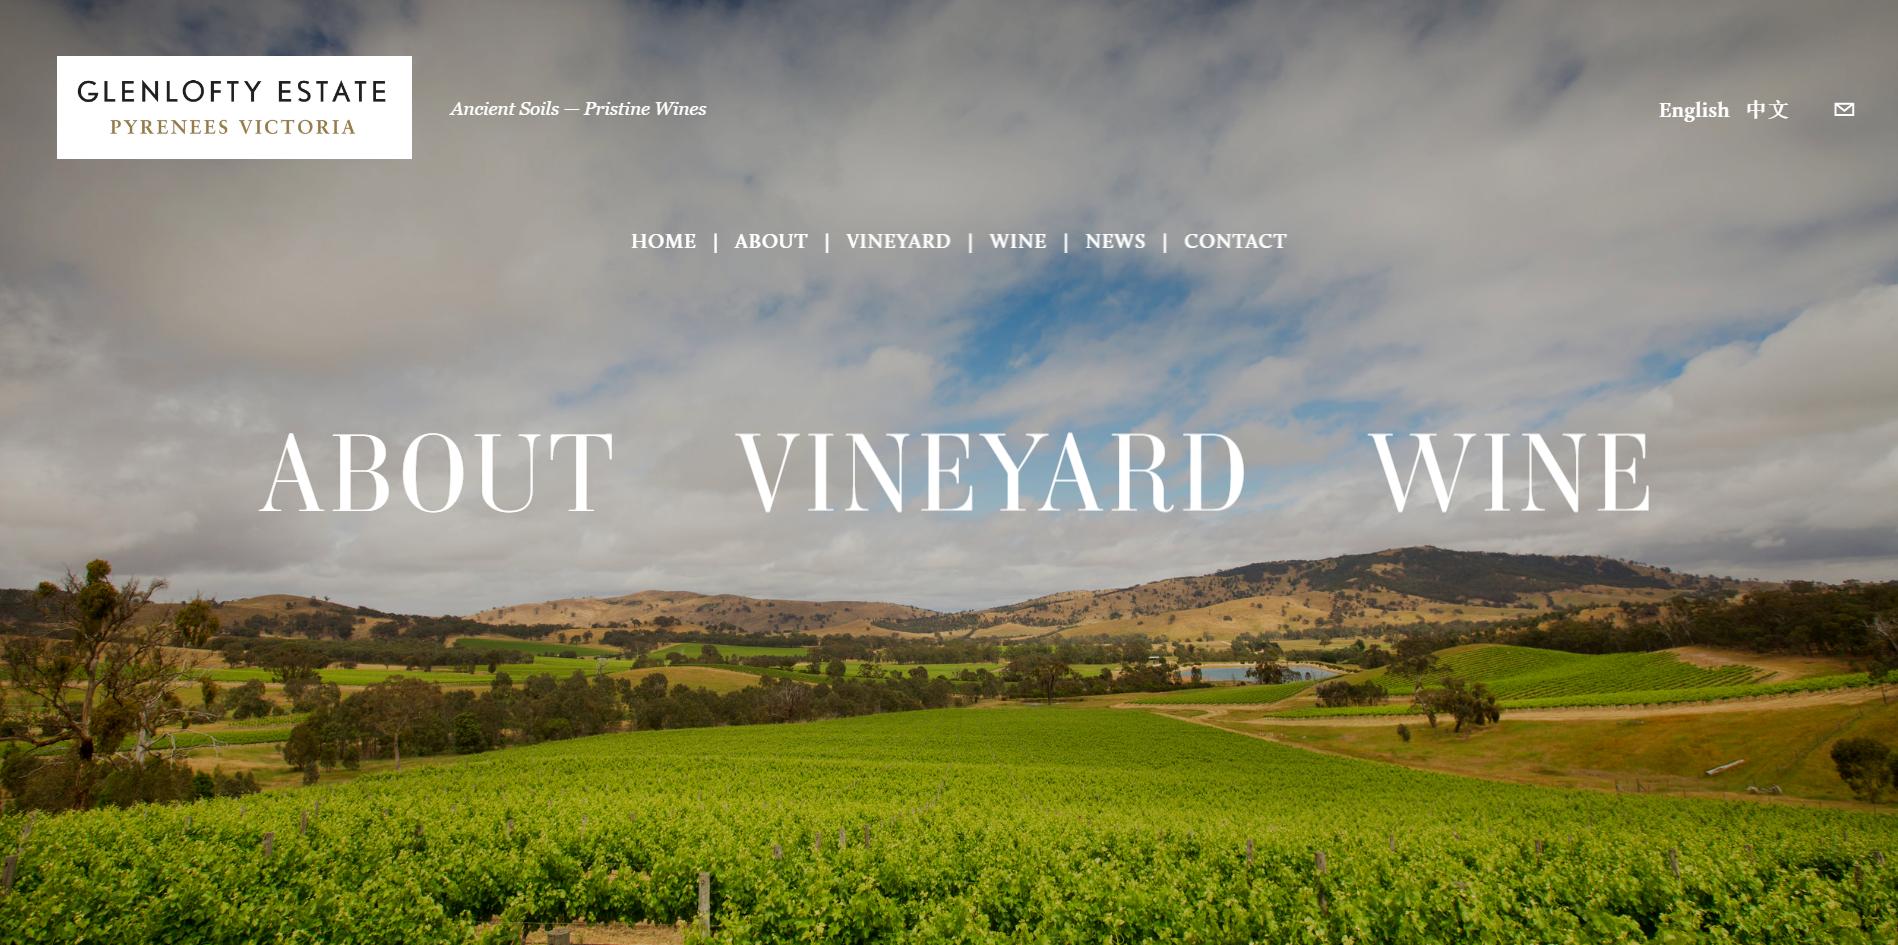 Glenlofty-Wines.png